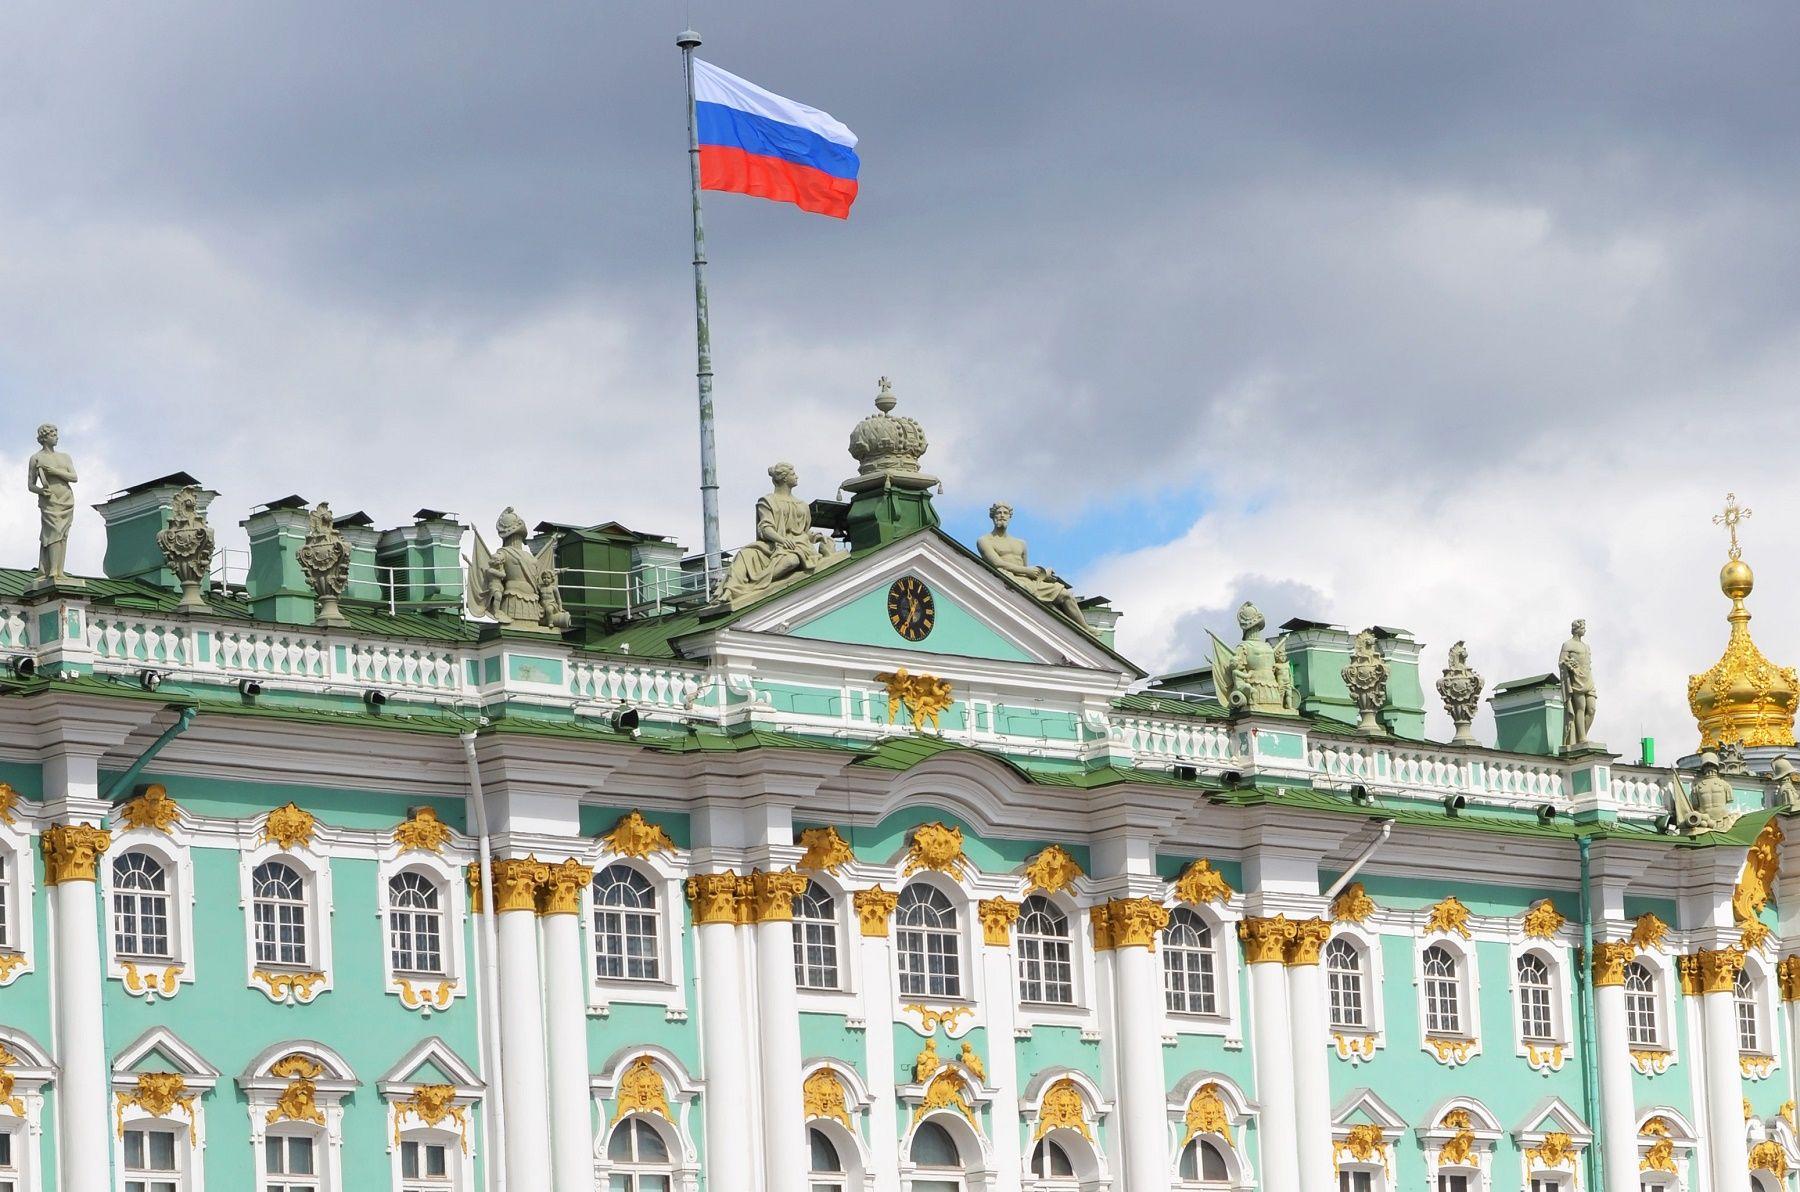 Eremitaaši on Pietarin ylpeys, Louvren taide Versaillesin saleissa: se on tsaarien Talvipalatsissa ja useassa muussa rakennuksessa sijaitseva taidekompleksi